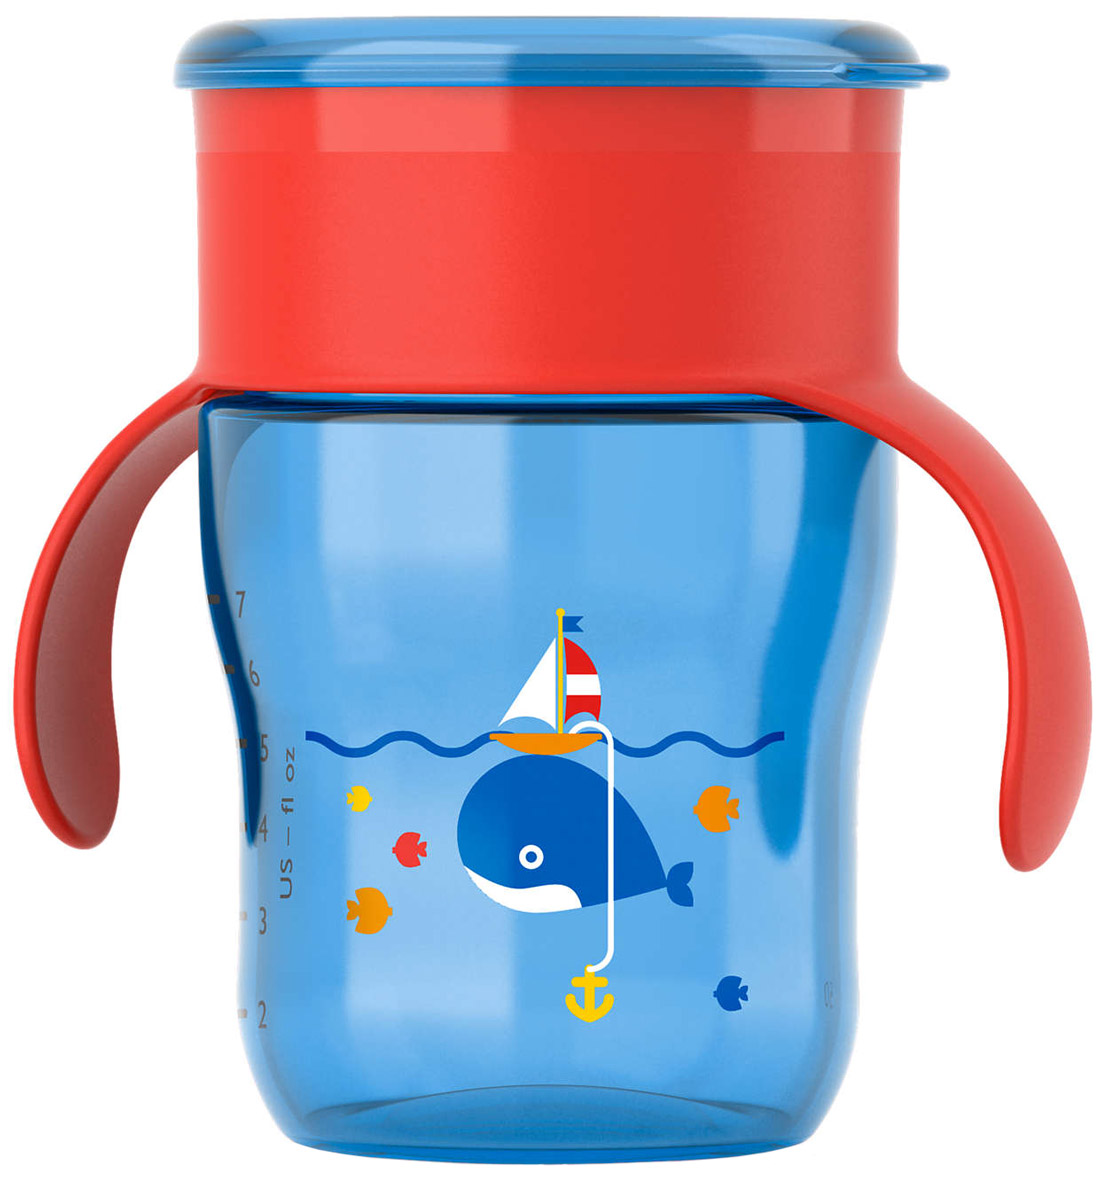 Philips Avent Чашка-поильник от 9 месяцев цвет голубой красный 260 мл кит SCF782/20 контейнер avent чашка поильник с трубочкой 1 шт розовый от 9 месяцев scf798 02